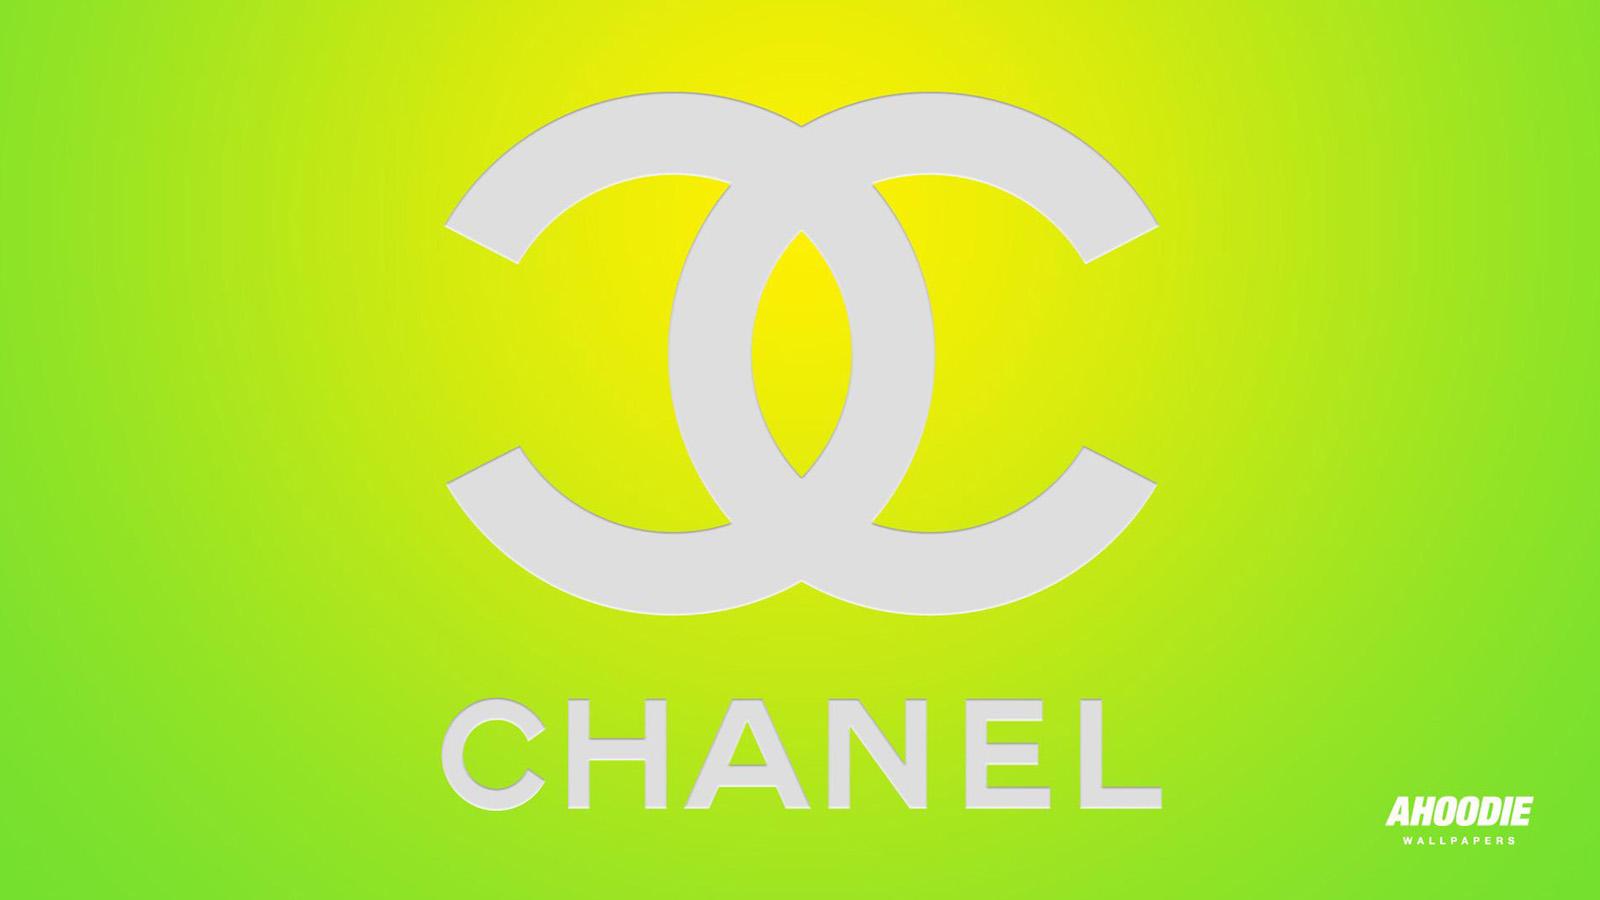 weergegeven voor chanel logo golden wallpaper 1920 1080 wallpaper 1600x900